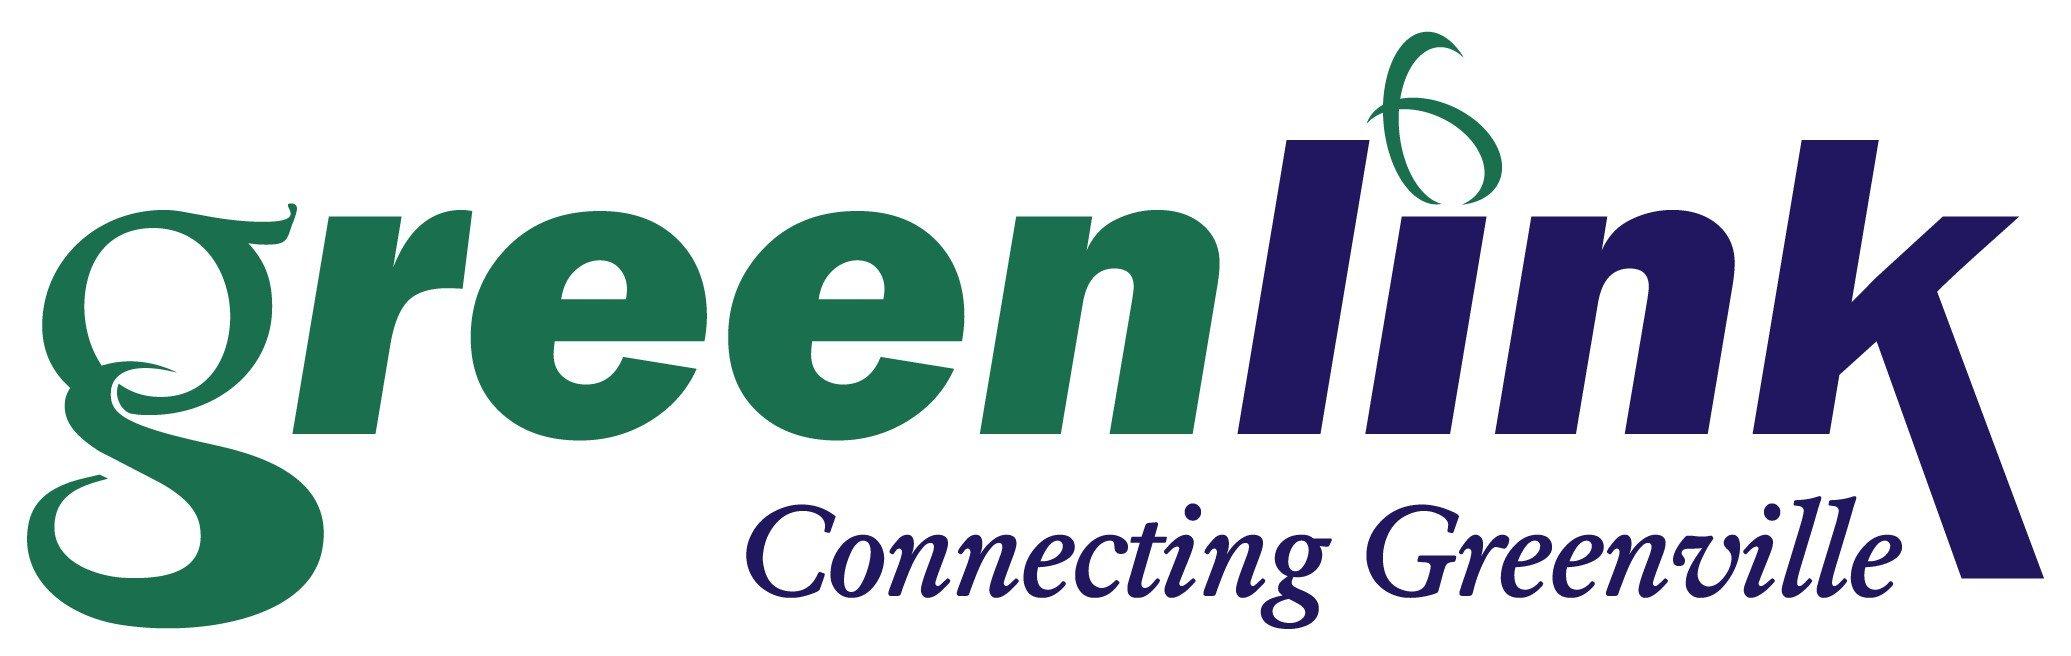 Greenlink logo (File)